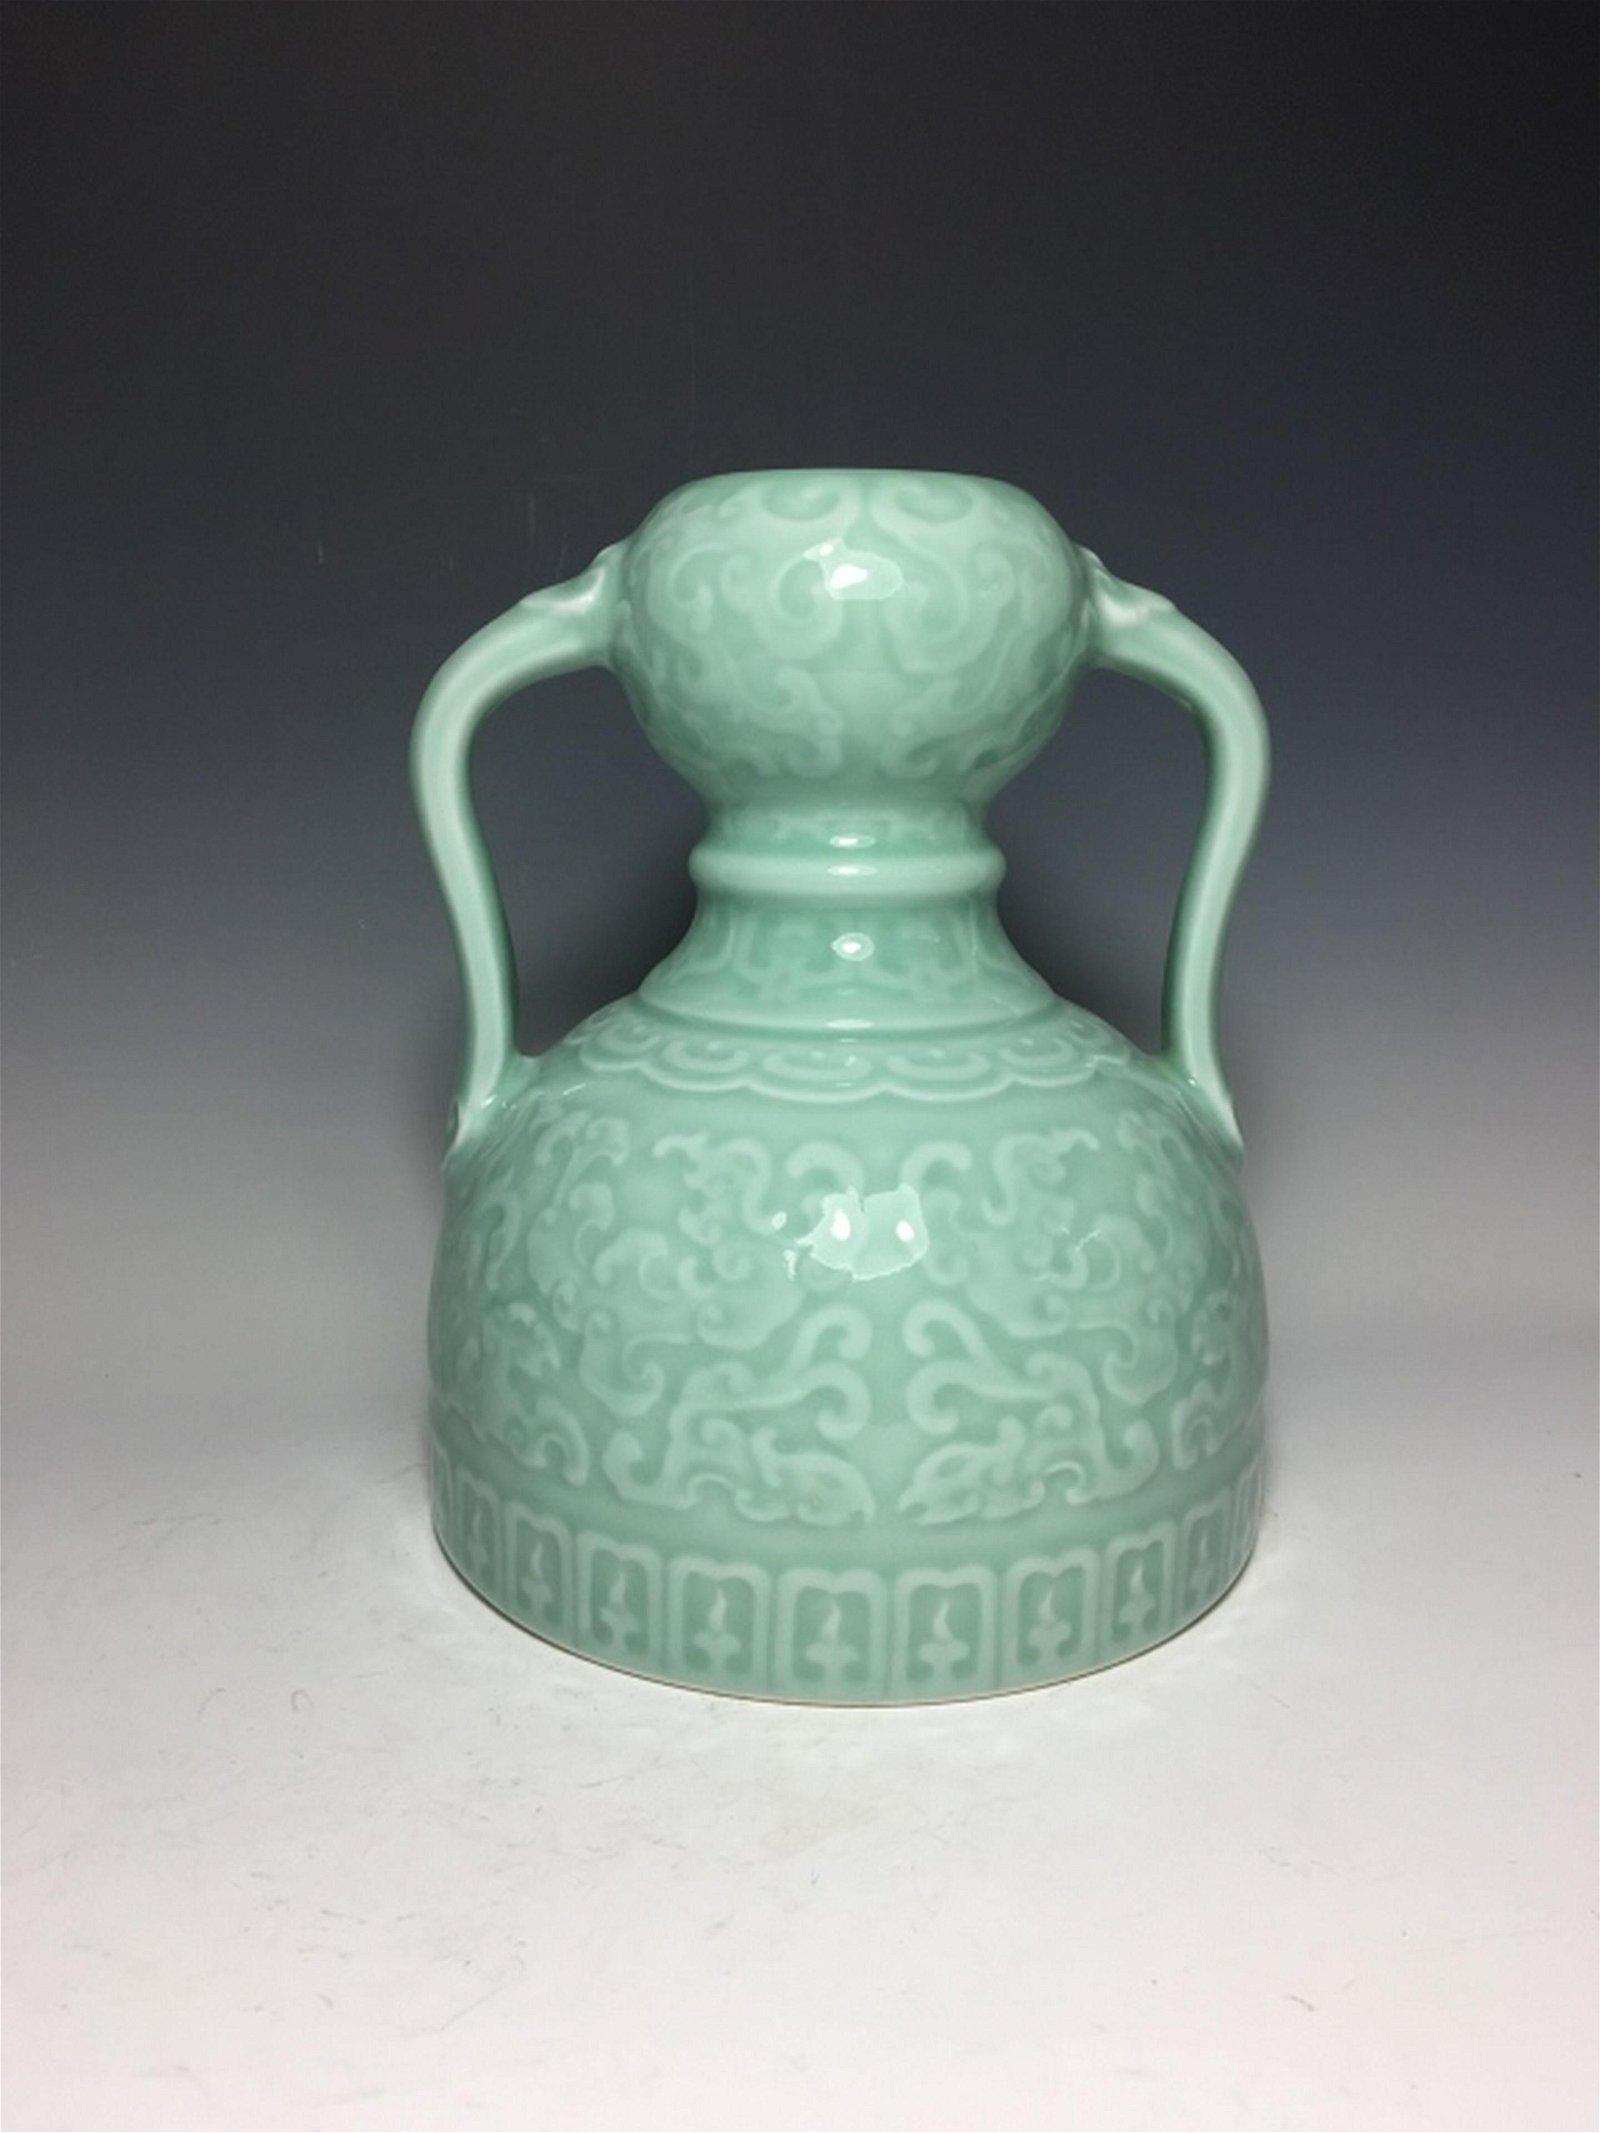 Chinese Celadon Glazed Porcelain Vase w Handle,Mar